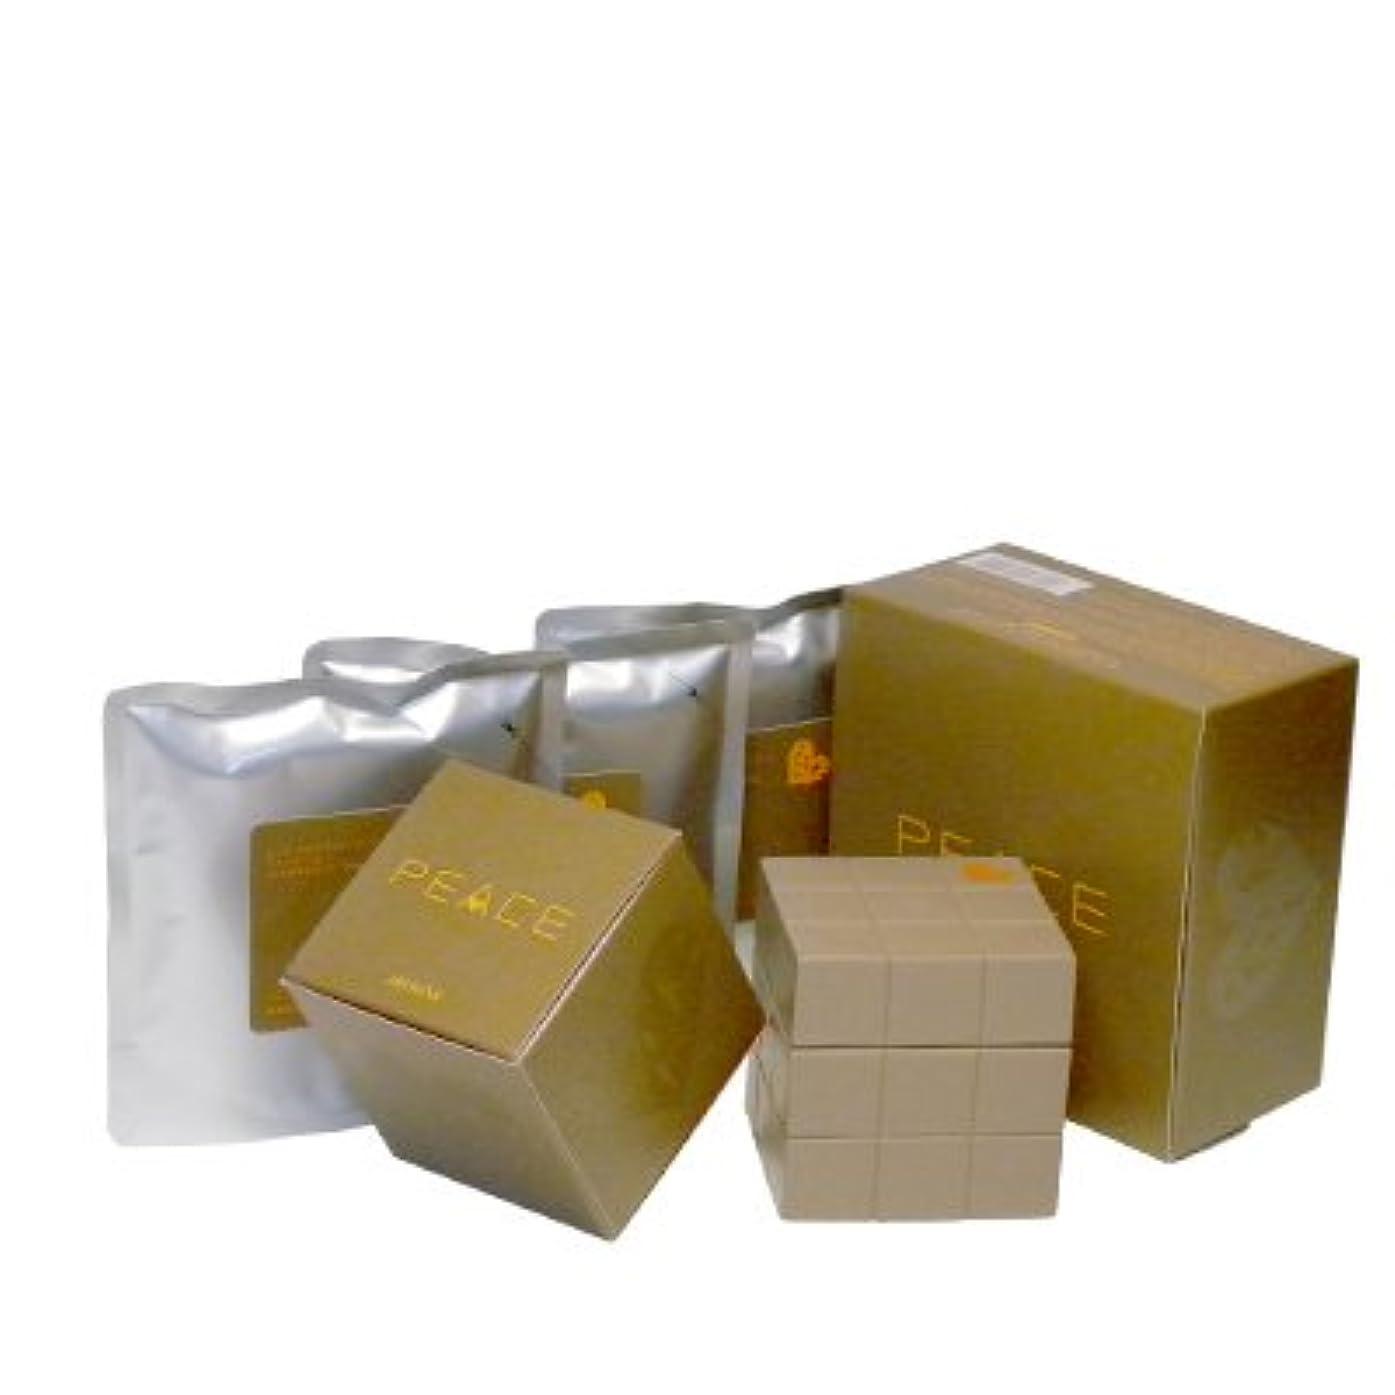 乱れ同封する叙情的なアリミノ ピース プロデザインシリーズ ソフトワックス カフェオレ80g+詰め替え80g×3